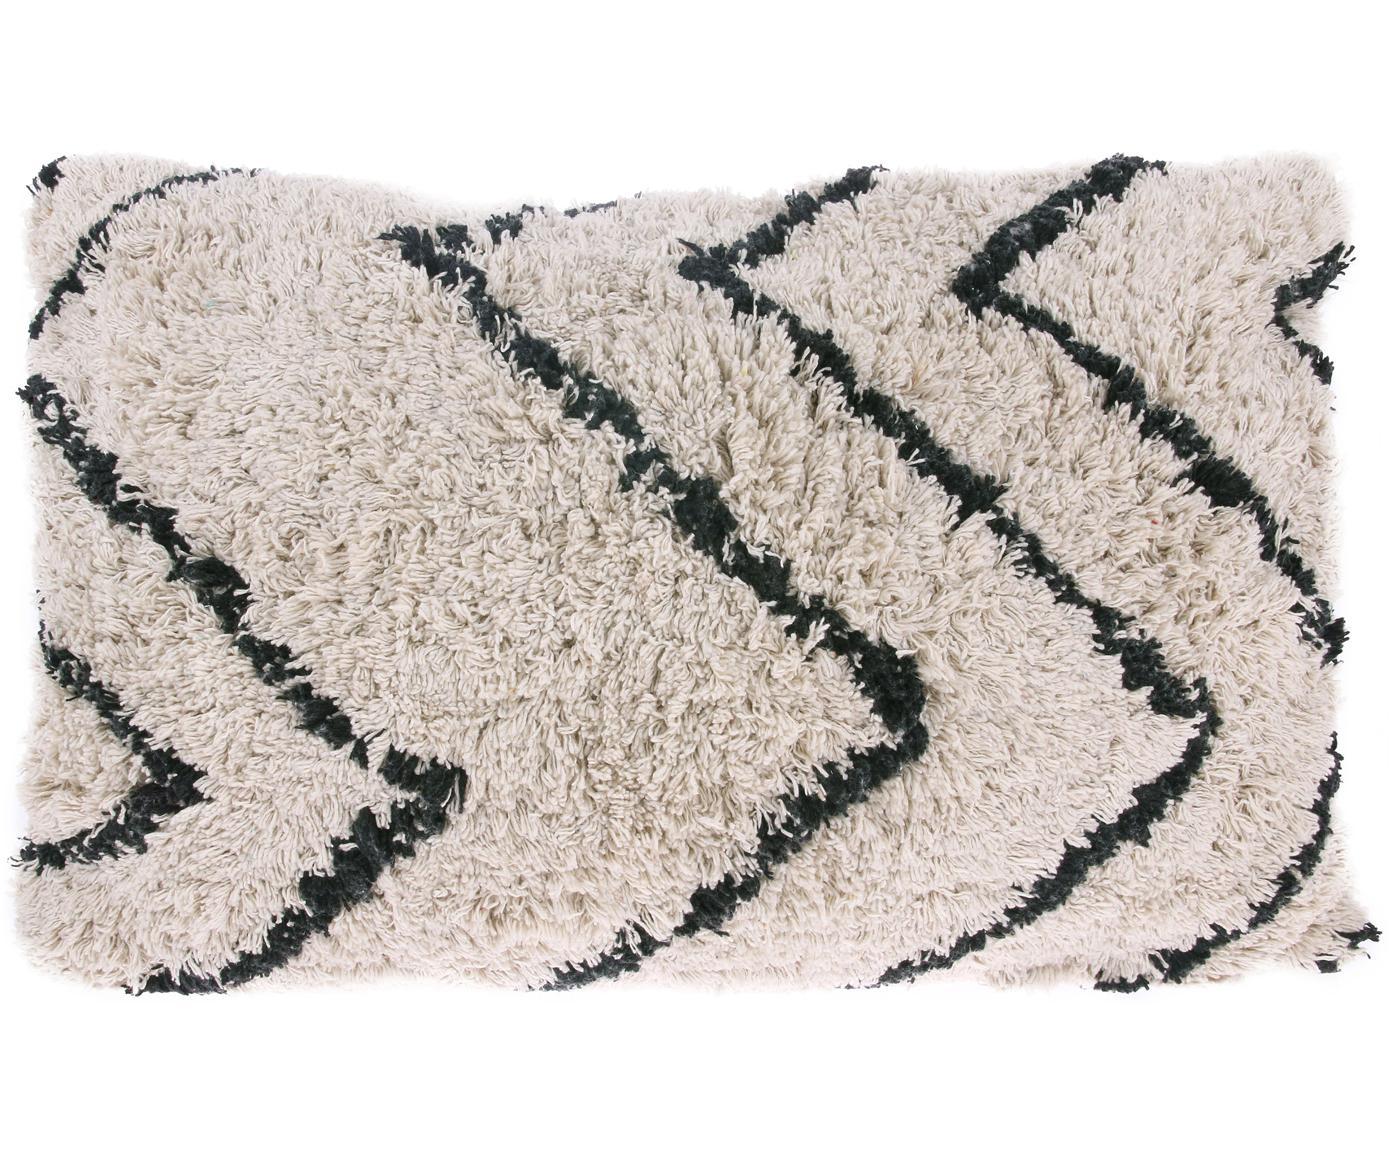 Kussen met patroon Zigzag met getuft oppervlak, met vulling, Katoen, Gebroken wit, zwart, 40 x 60 cm